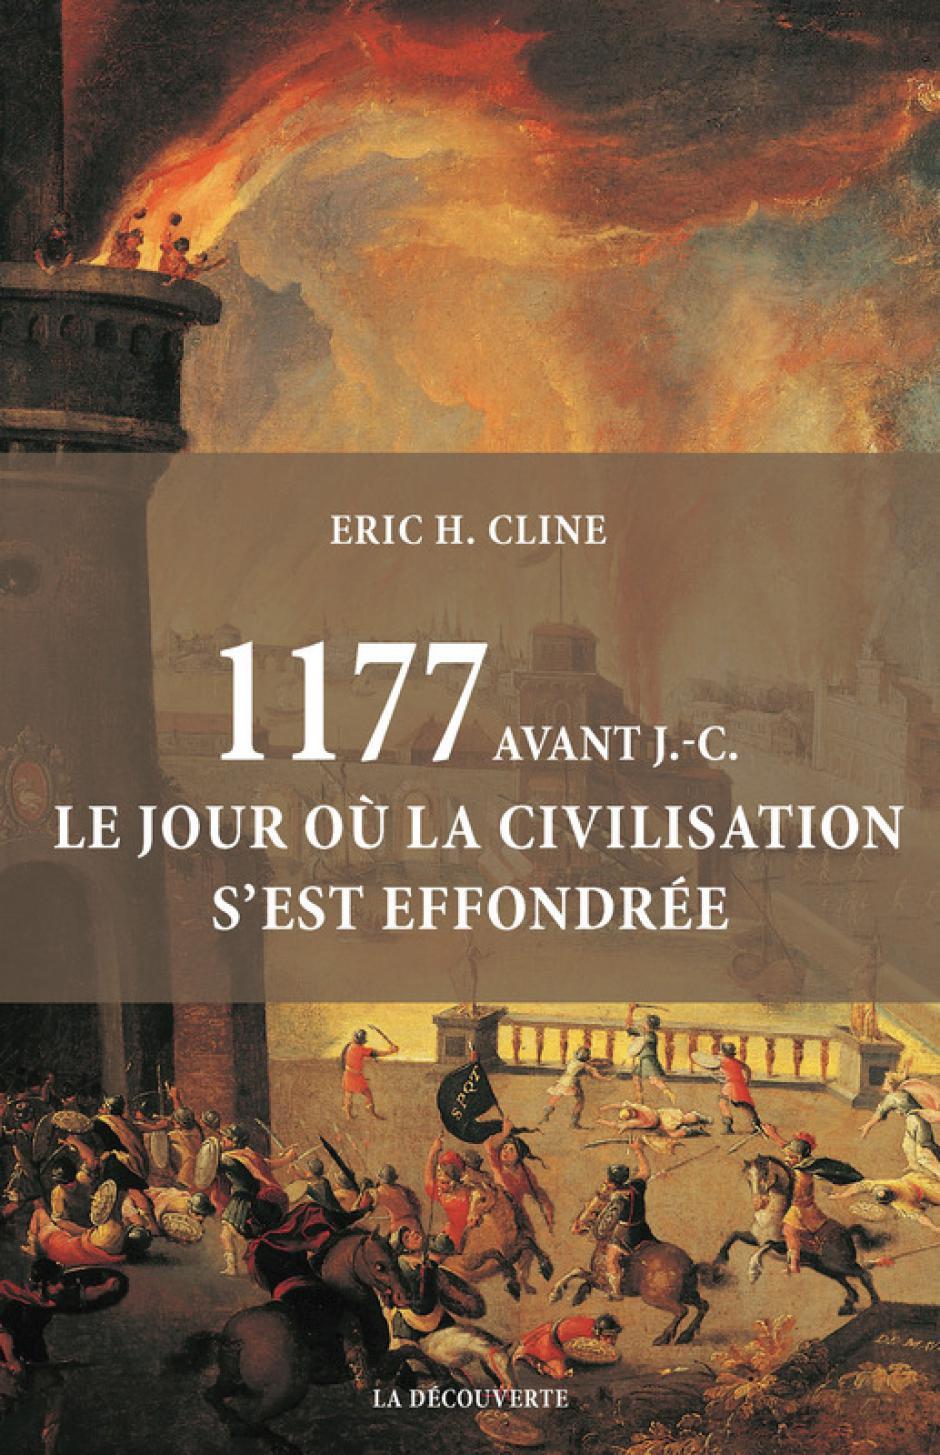 1177 avant J.-C. le jour où la civilisation s'est effondrée, Eric H.Cline